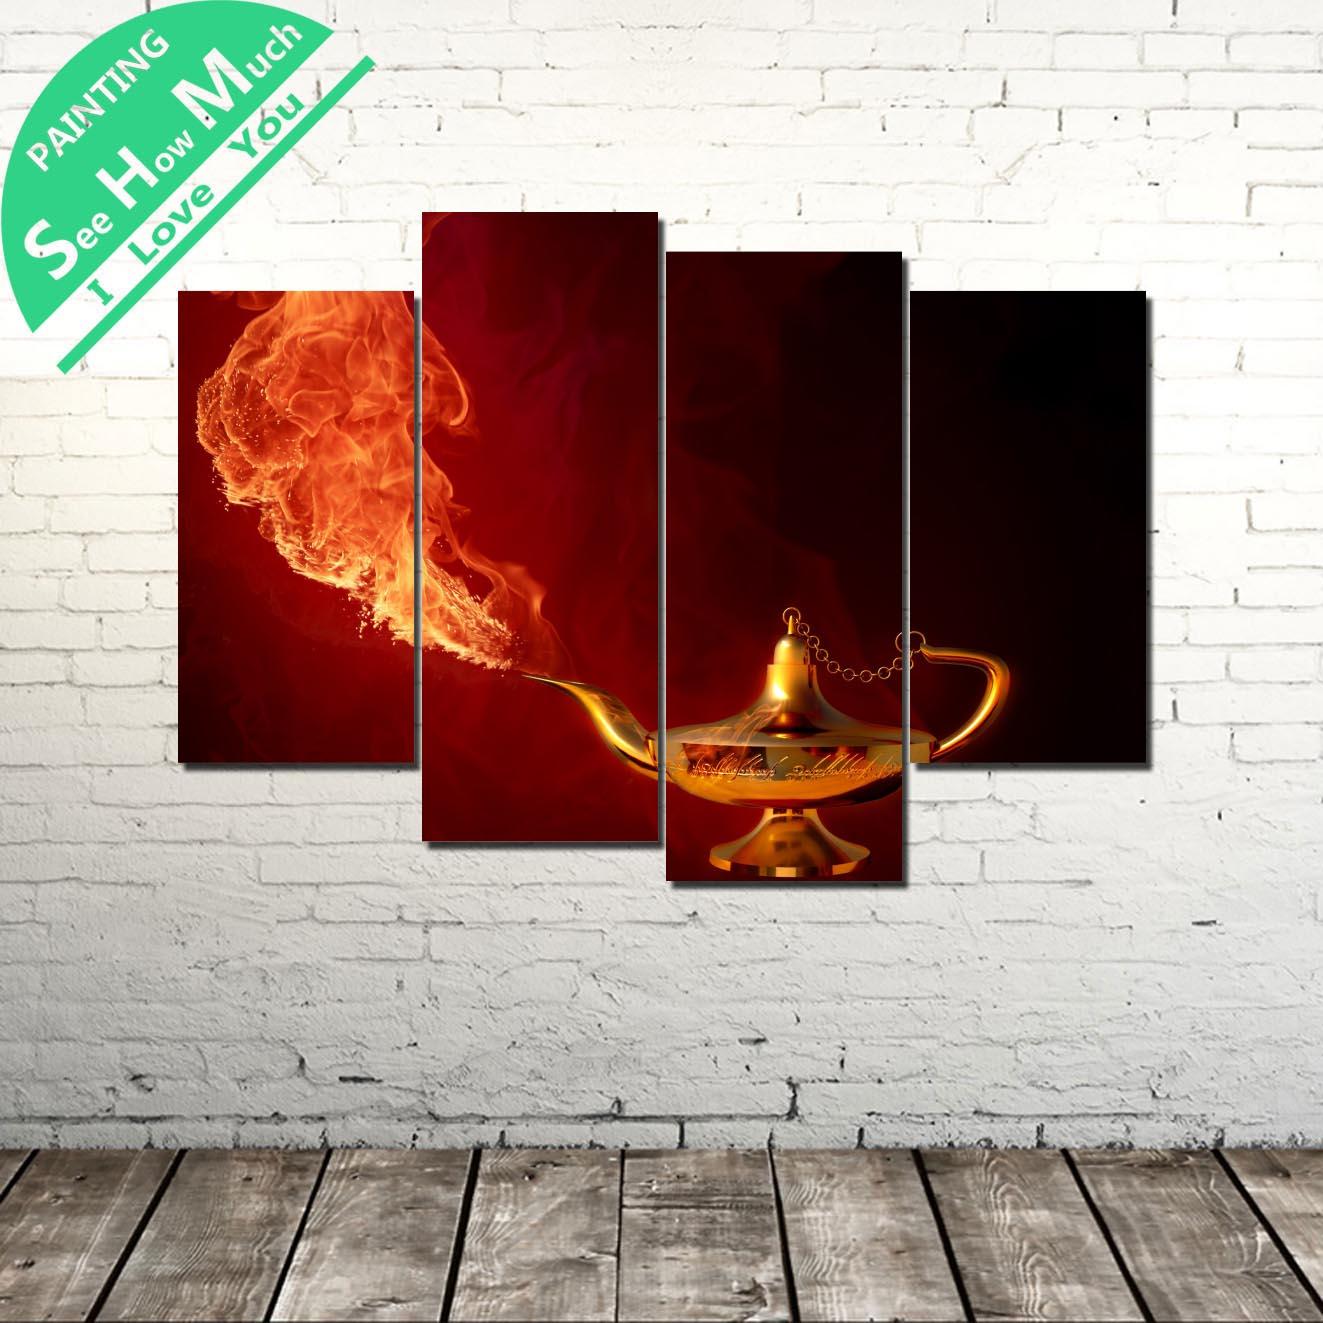 4 piezas lámpara mágica de Aladino pared cartel de decoración de arte vintage imágenes decorativas lienzo impresiones pinturas, impresiones de arte cuadros de pared